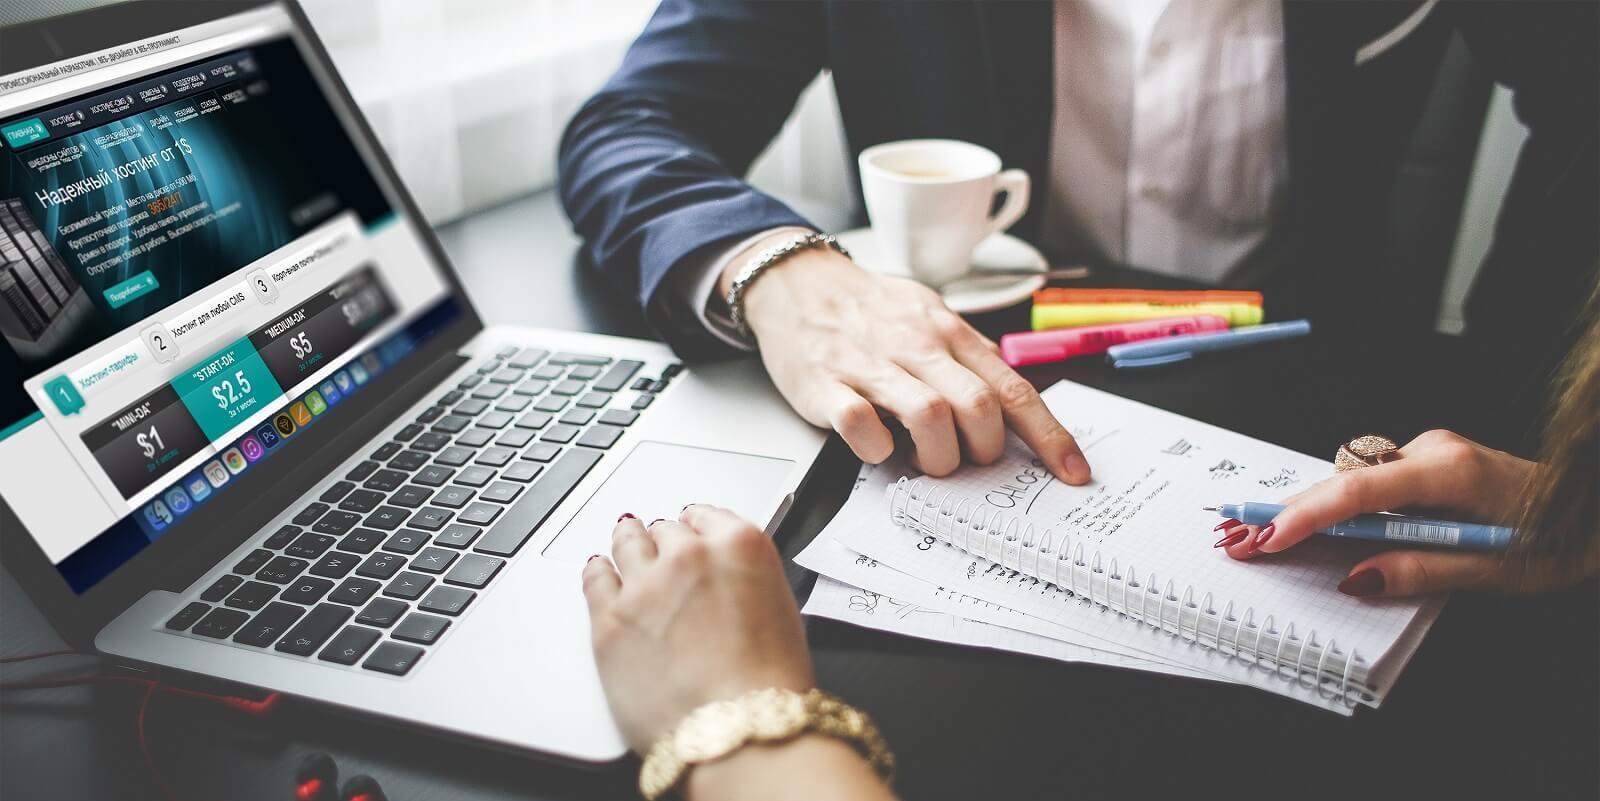 Создание и поддержка сайтов для бизнеса